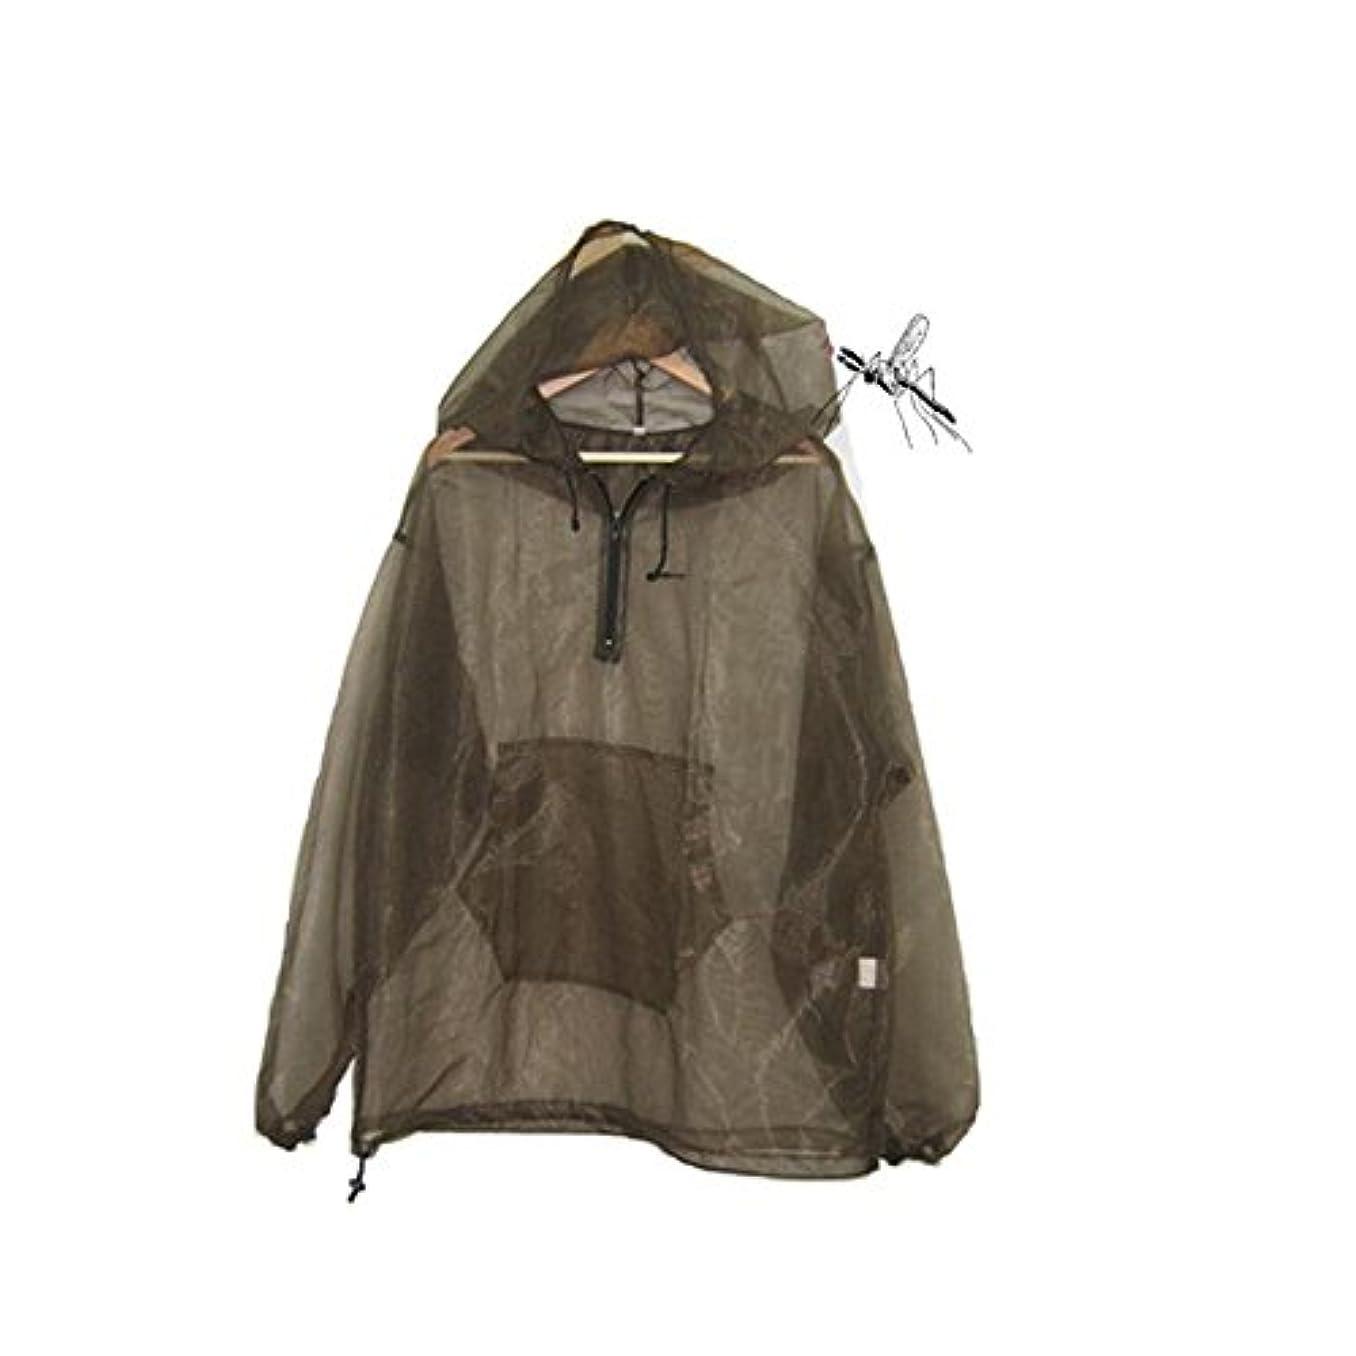 塩辛いファンブルティーンエイジャーAventik MosquitoジャケットSuper Fineメッシュ、スーパーライト、すべて1つのサイズ、Full Faceフード、Keepセーフクール、UV保護、Greatデザイン